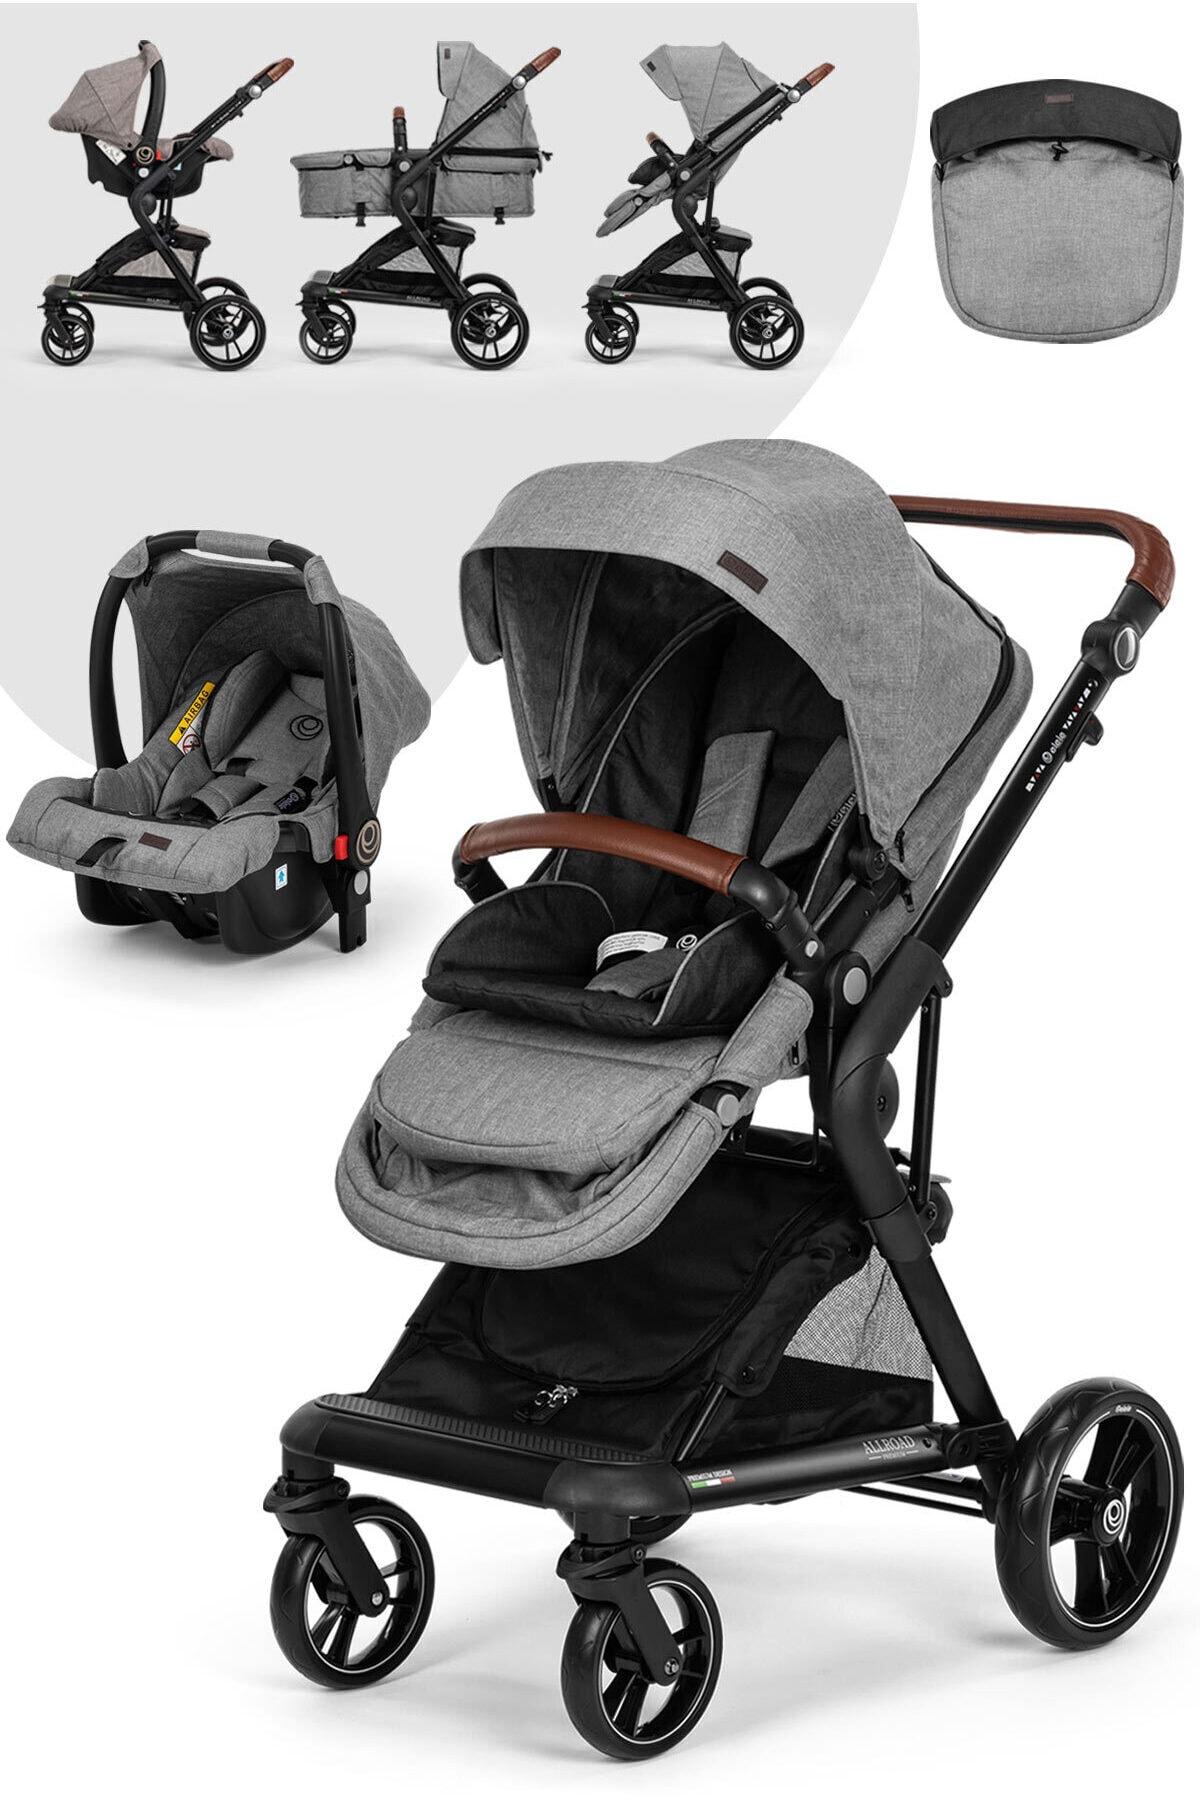 Elele Allroad 2 Travel Sistem Bebek Arabası Gri 1